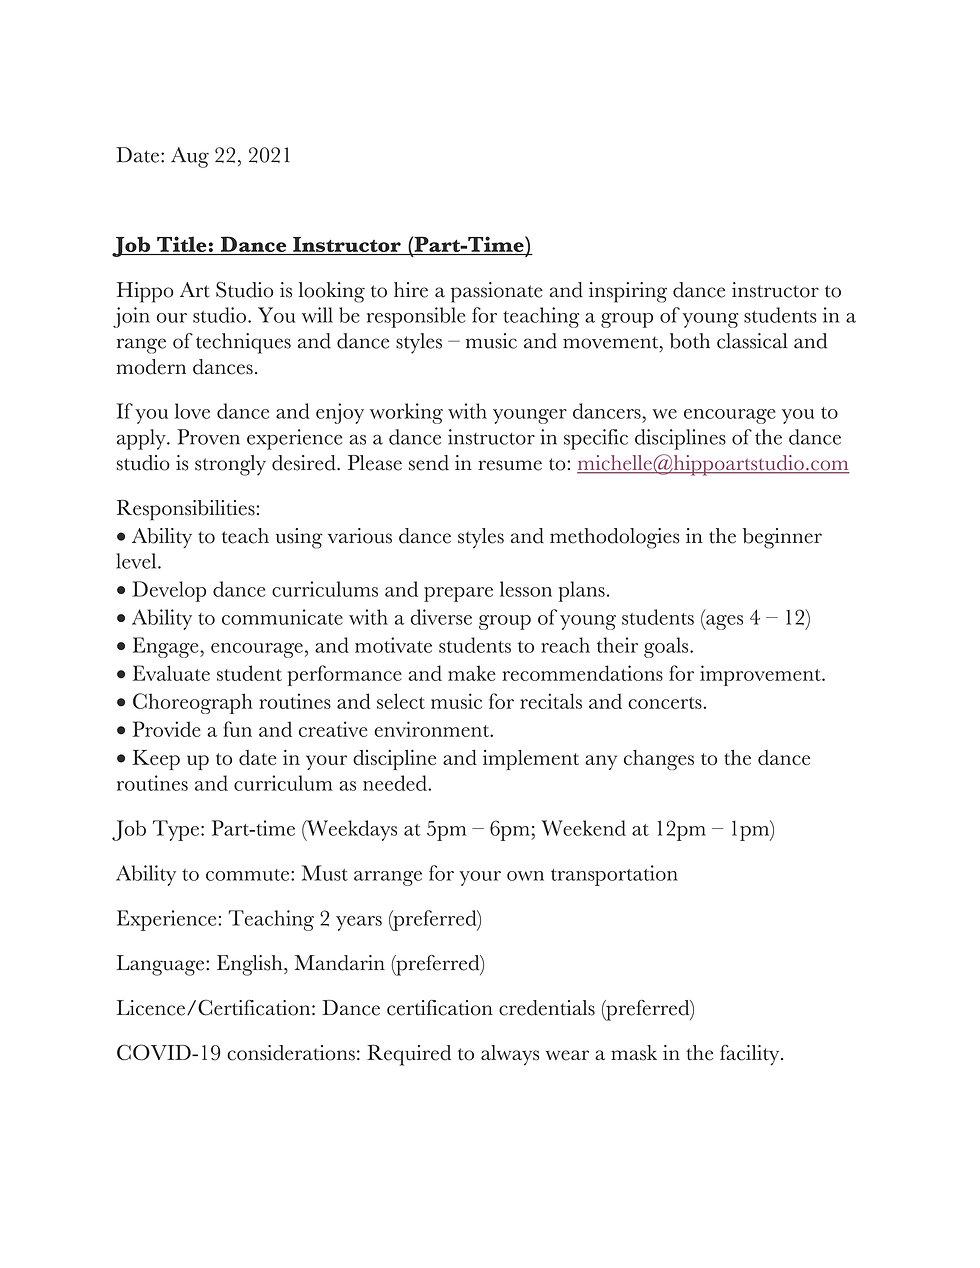 JPEG-Dance Instructor Job Description.jpg